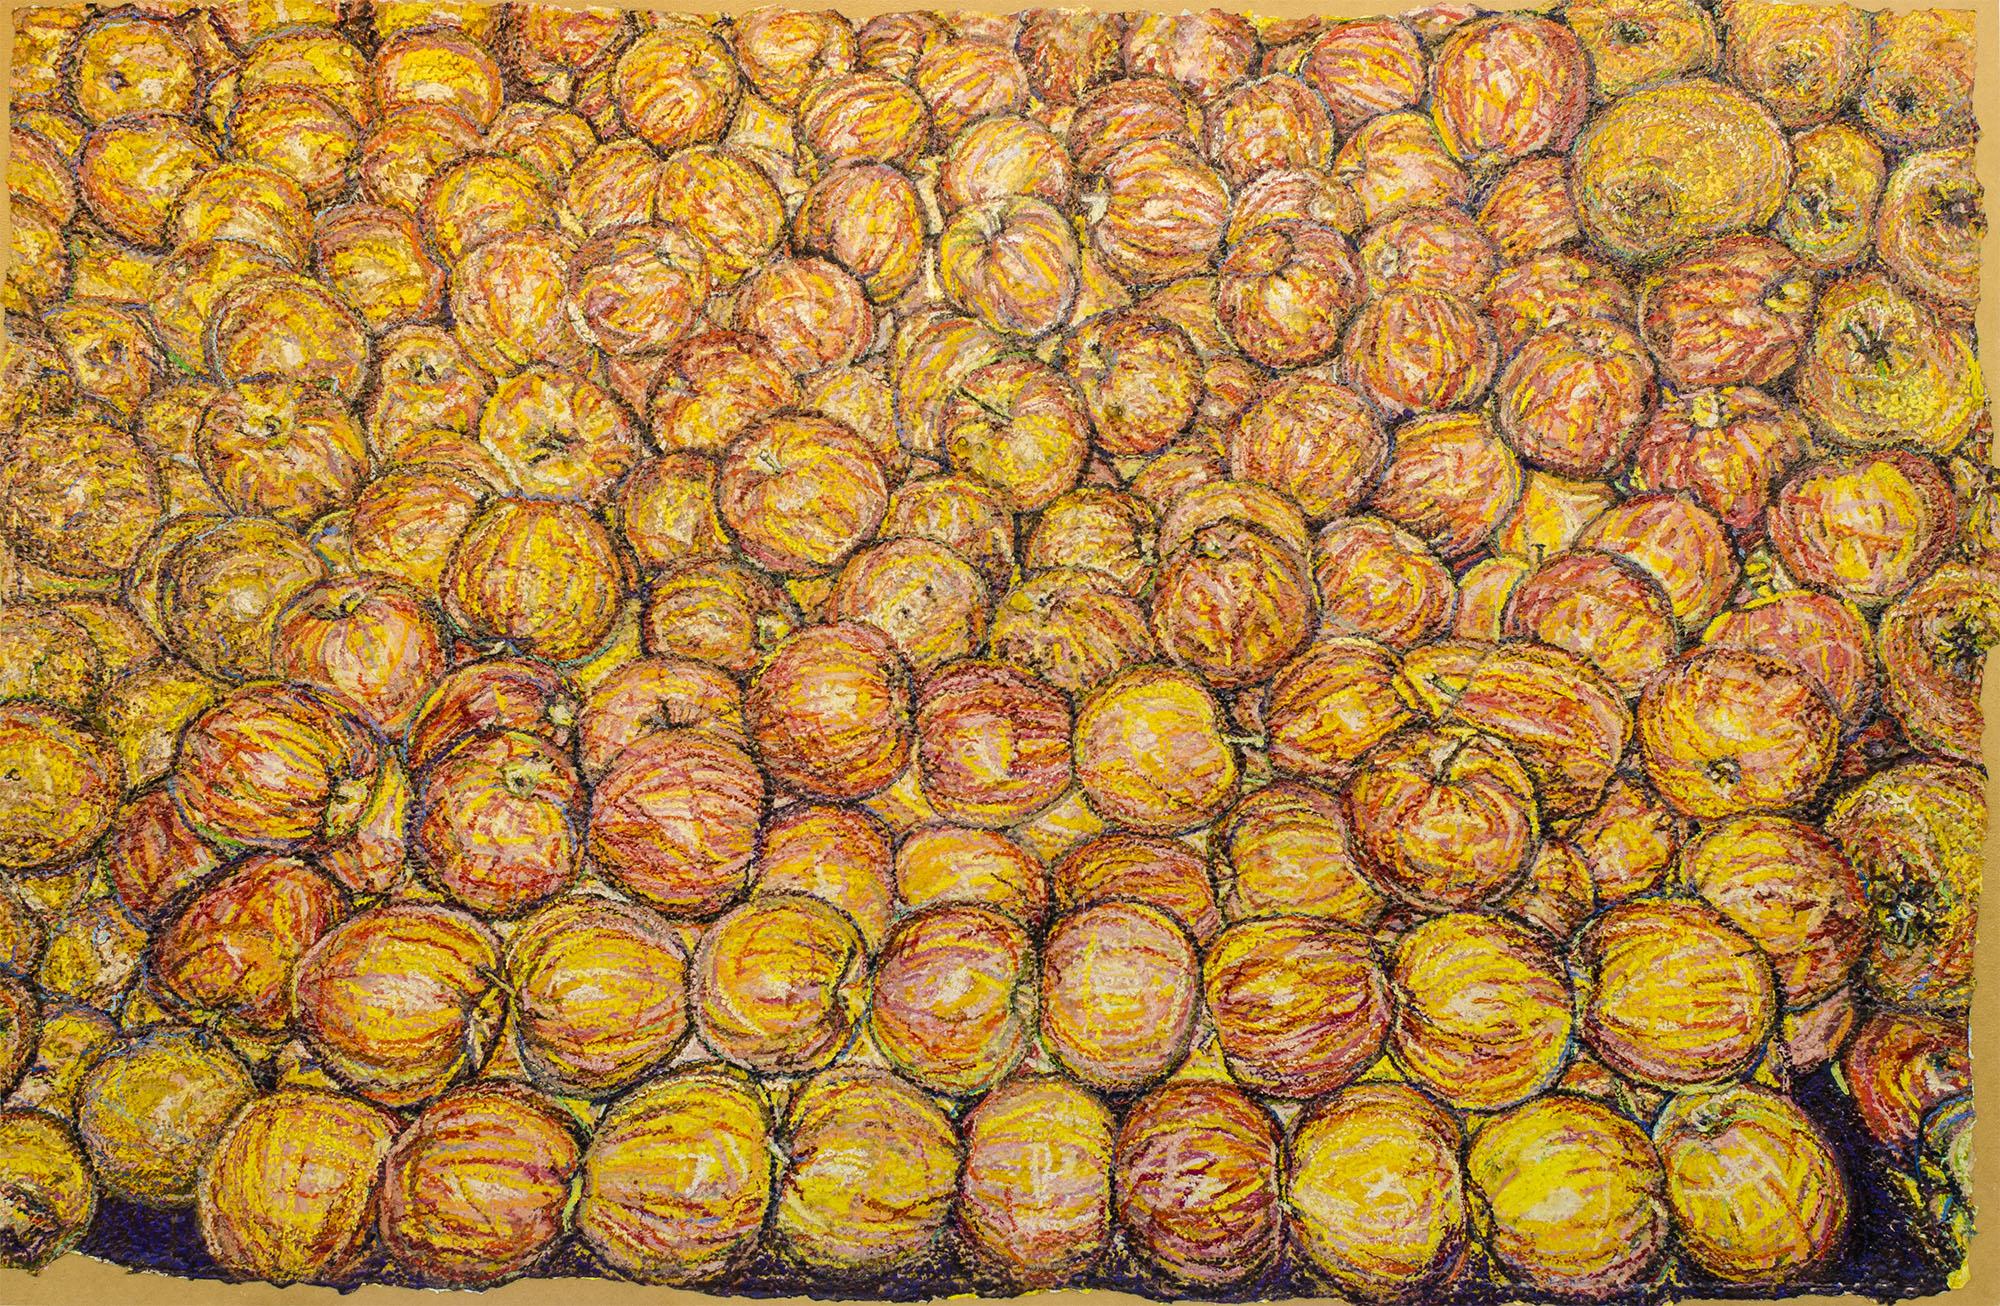 Naranjas, Manzanas y Toronjas